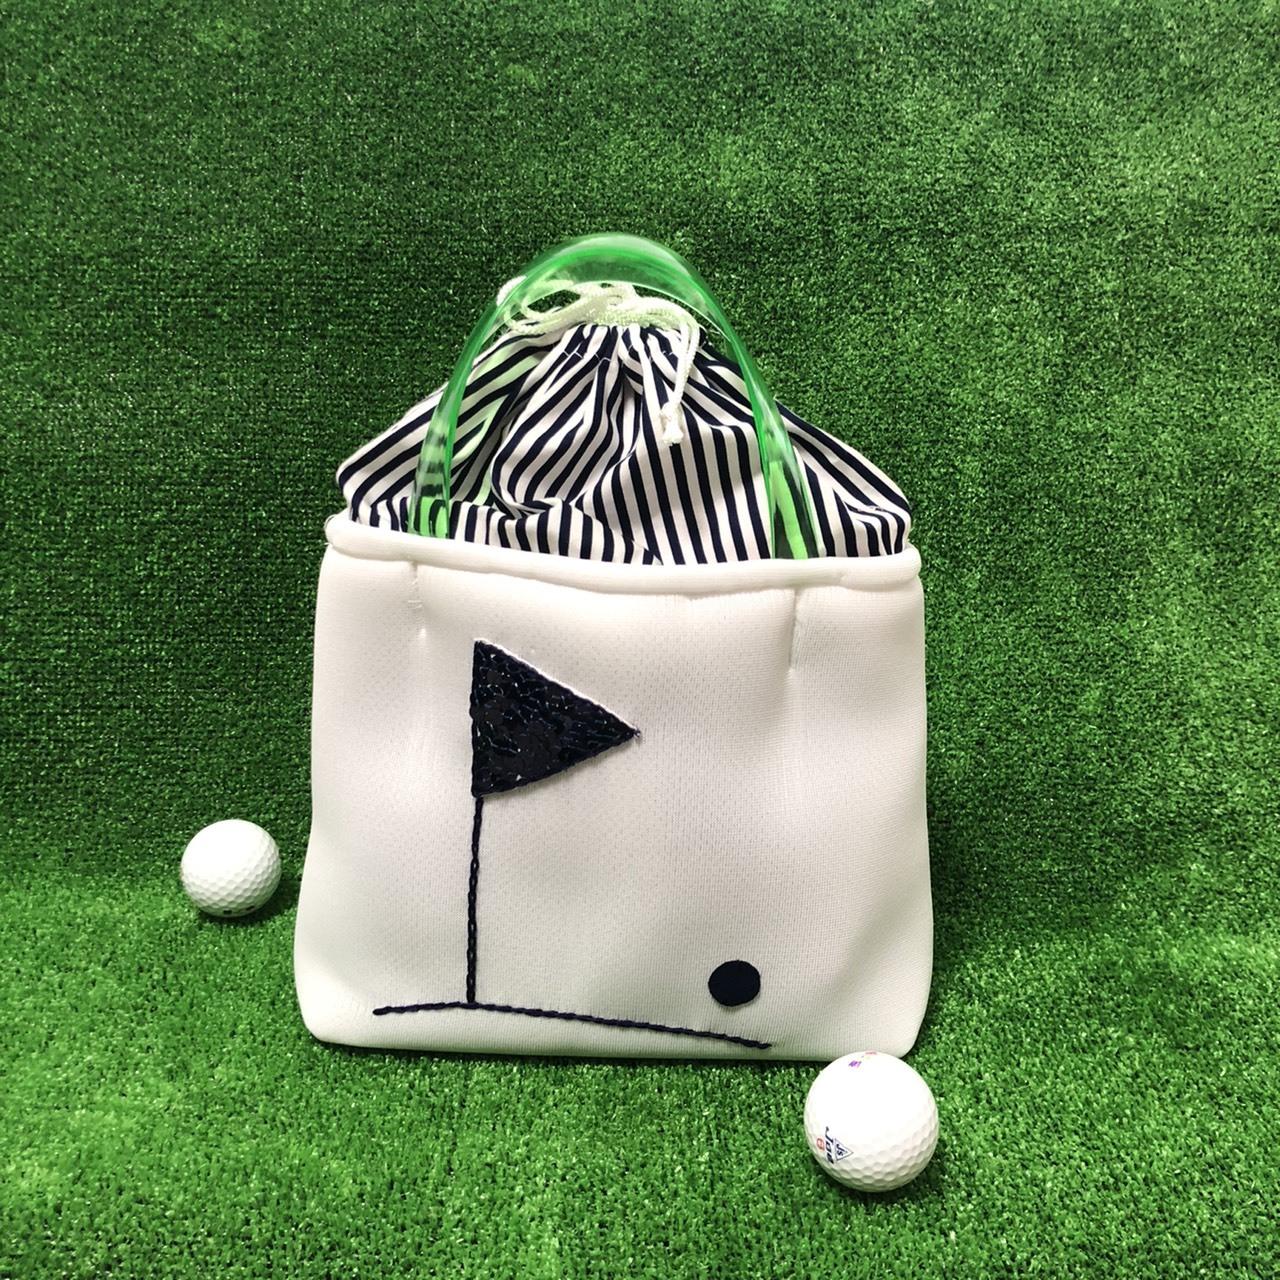 【新商品】ゴルフカートバッグ(ホワイト)